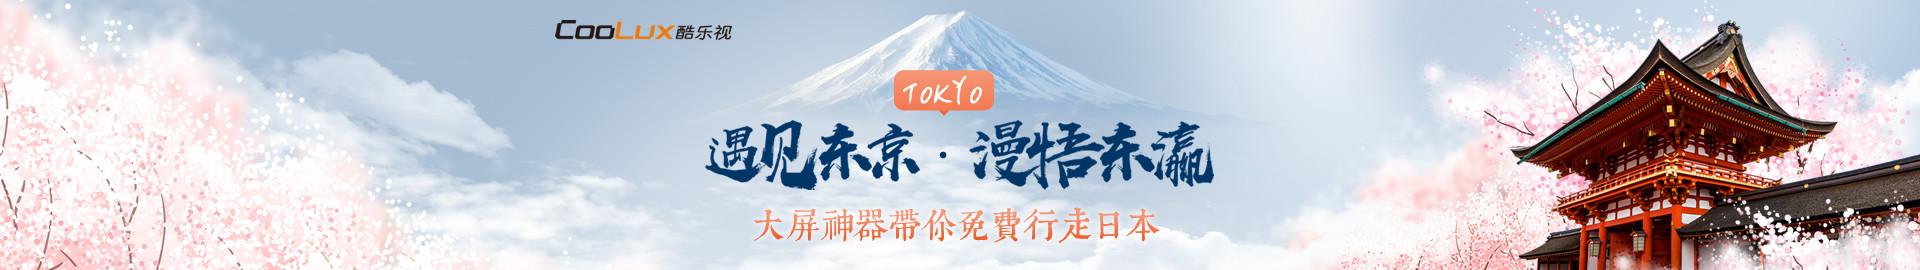 漫悟东瀛 直播大屏神器带你免费看日本